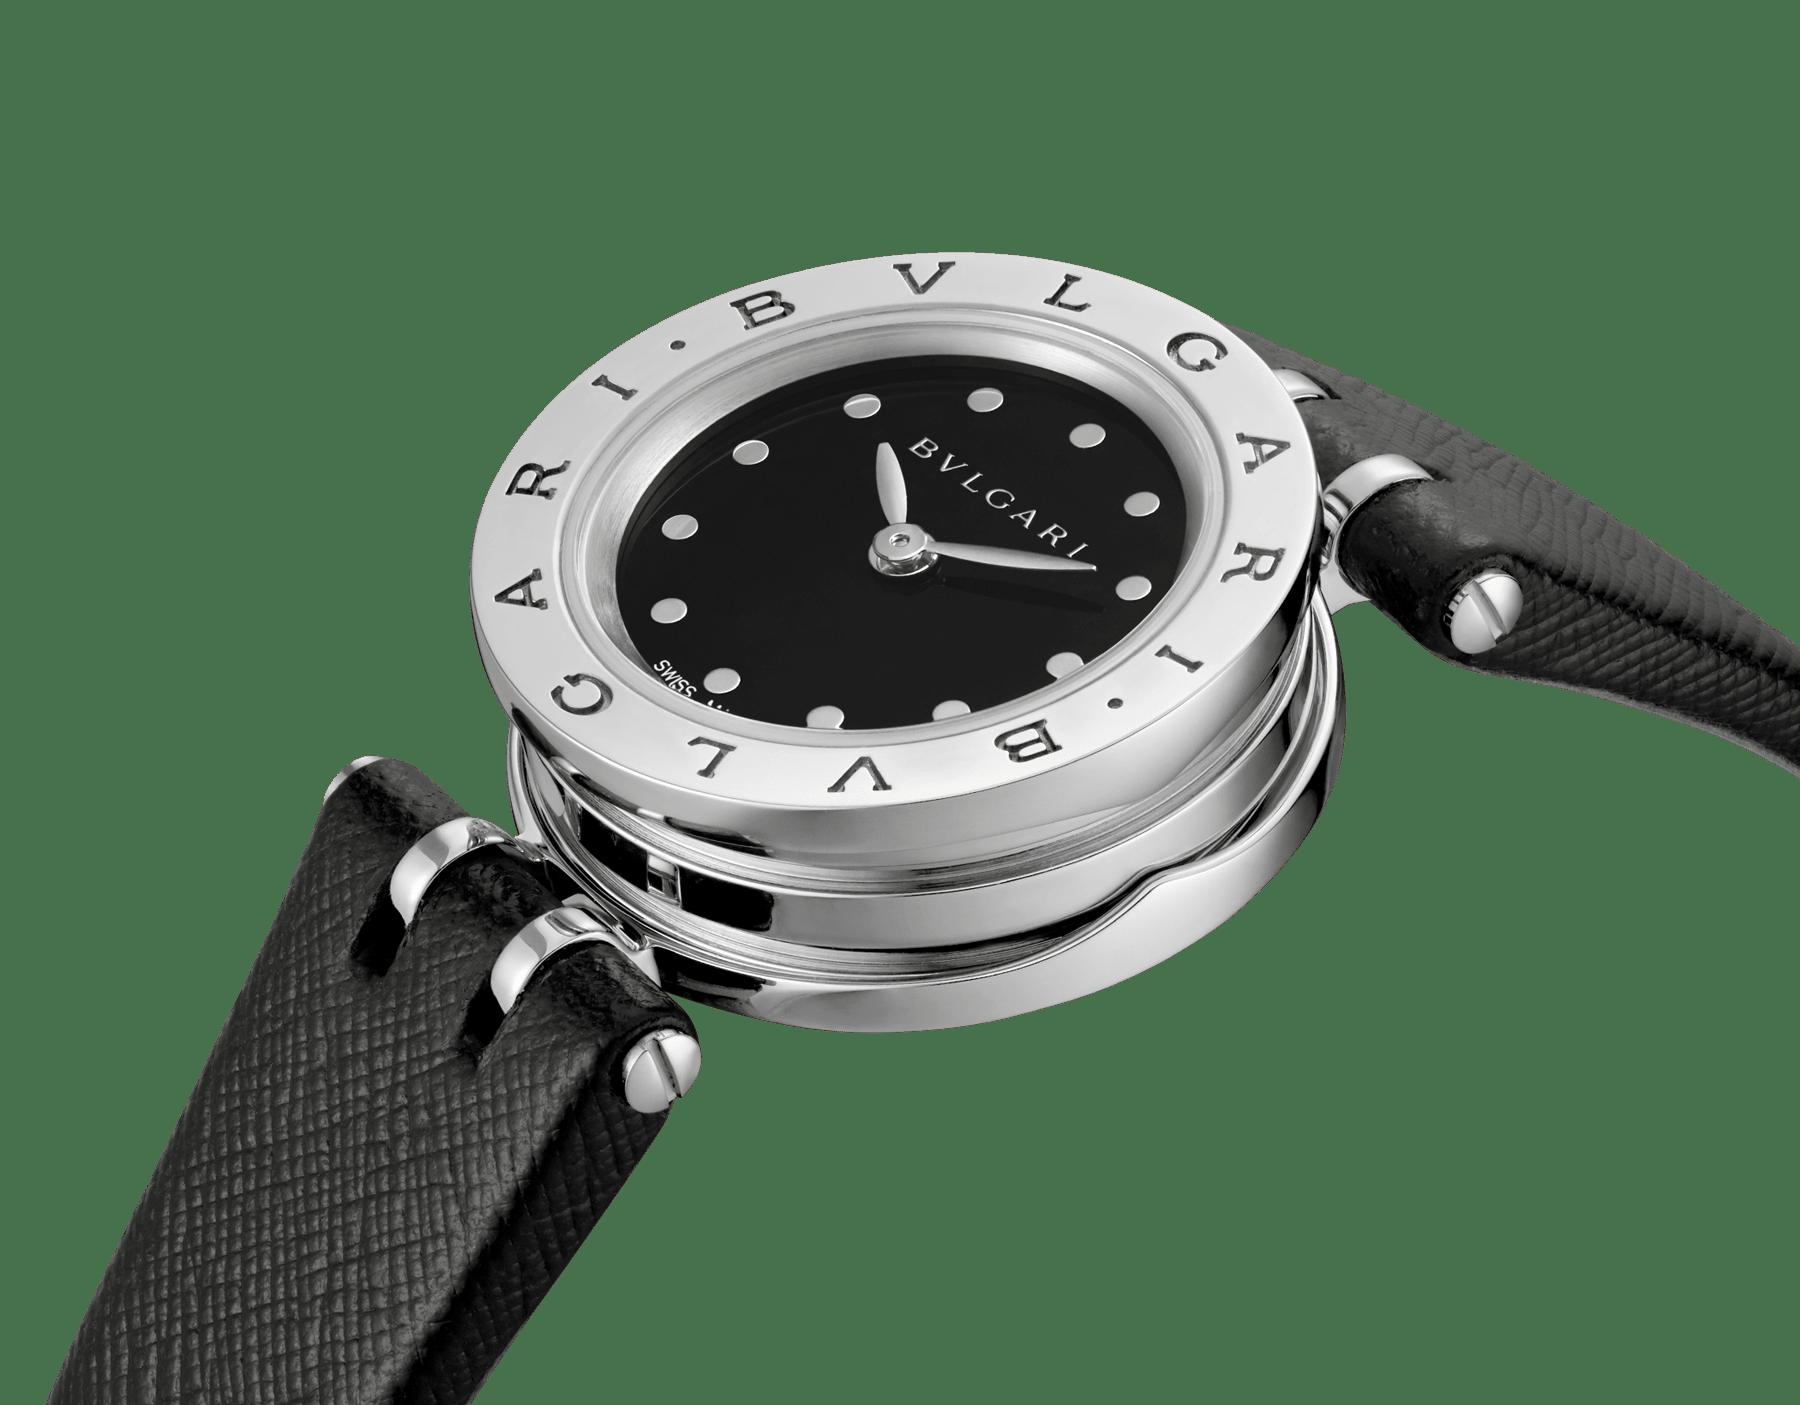 Orologio B.zero1 con cassa in acciaio inossidabile, spirale in ceramica nera quadrante laccato nero e cinturino in pelle nera. 102179 image 2